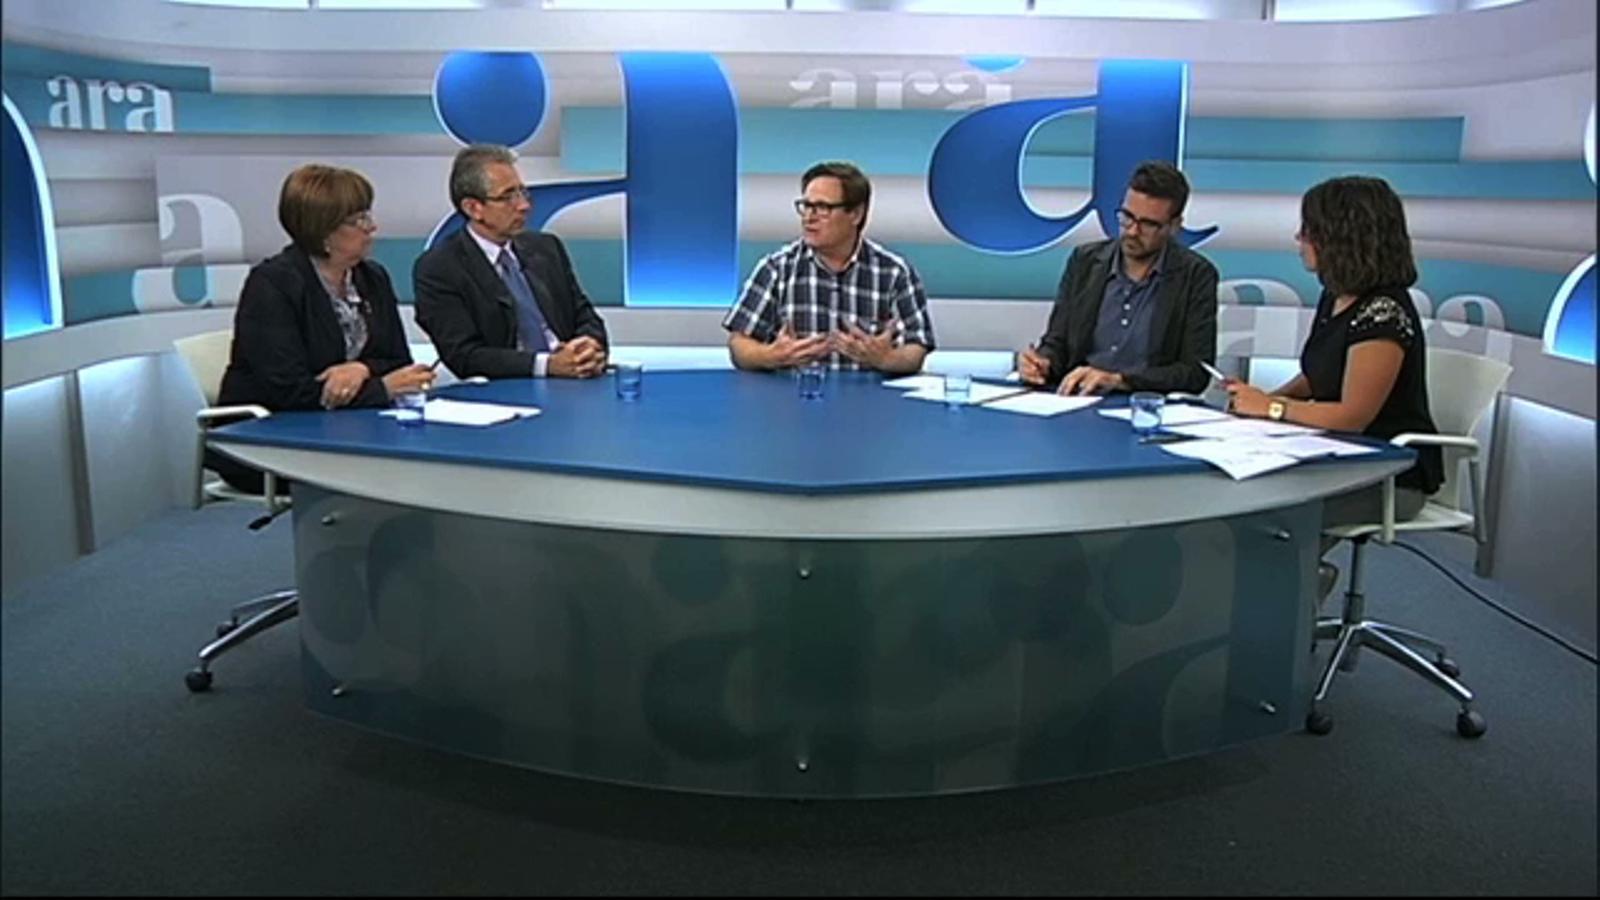 Debat de l'Urgell: Hem de ser imprescindibles